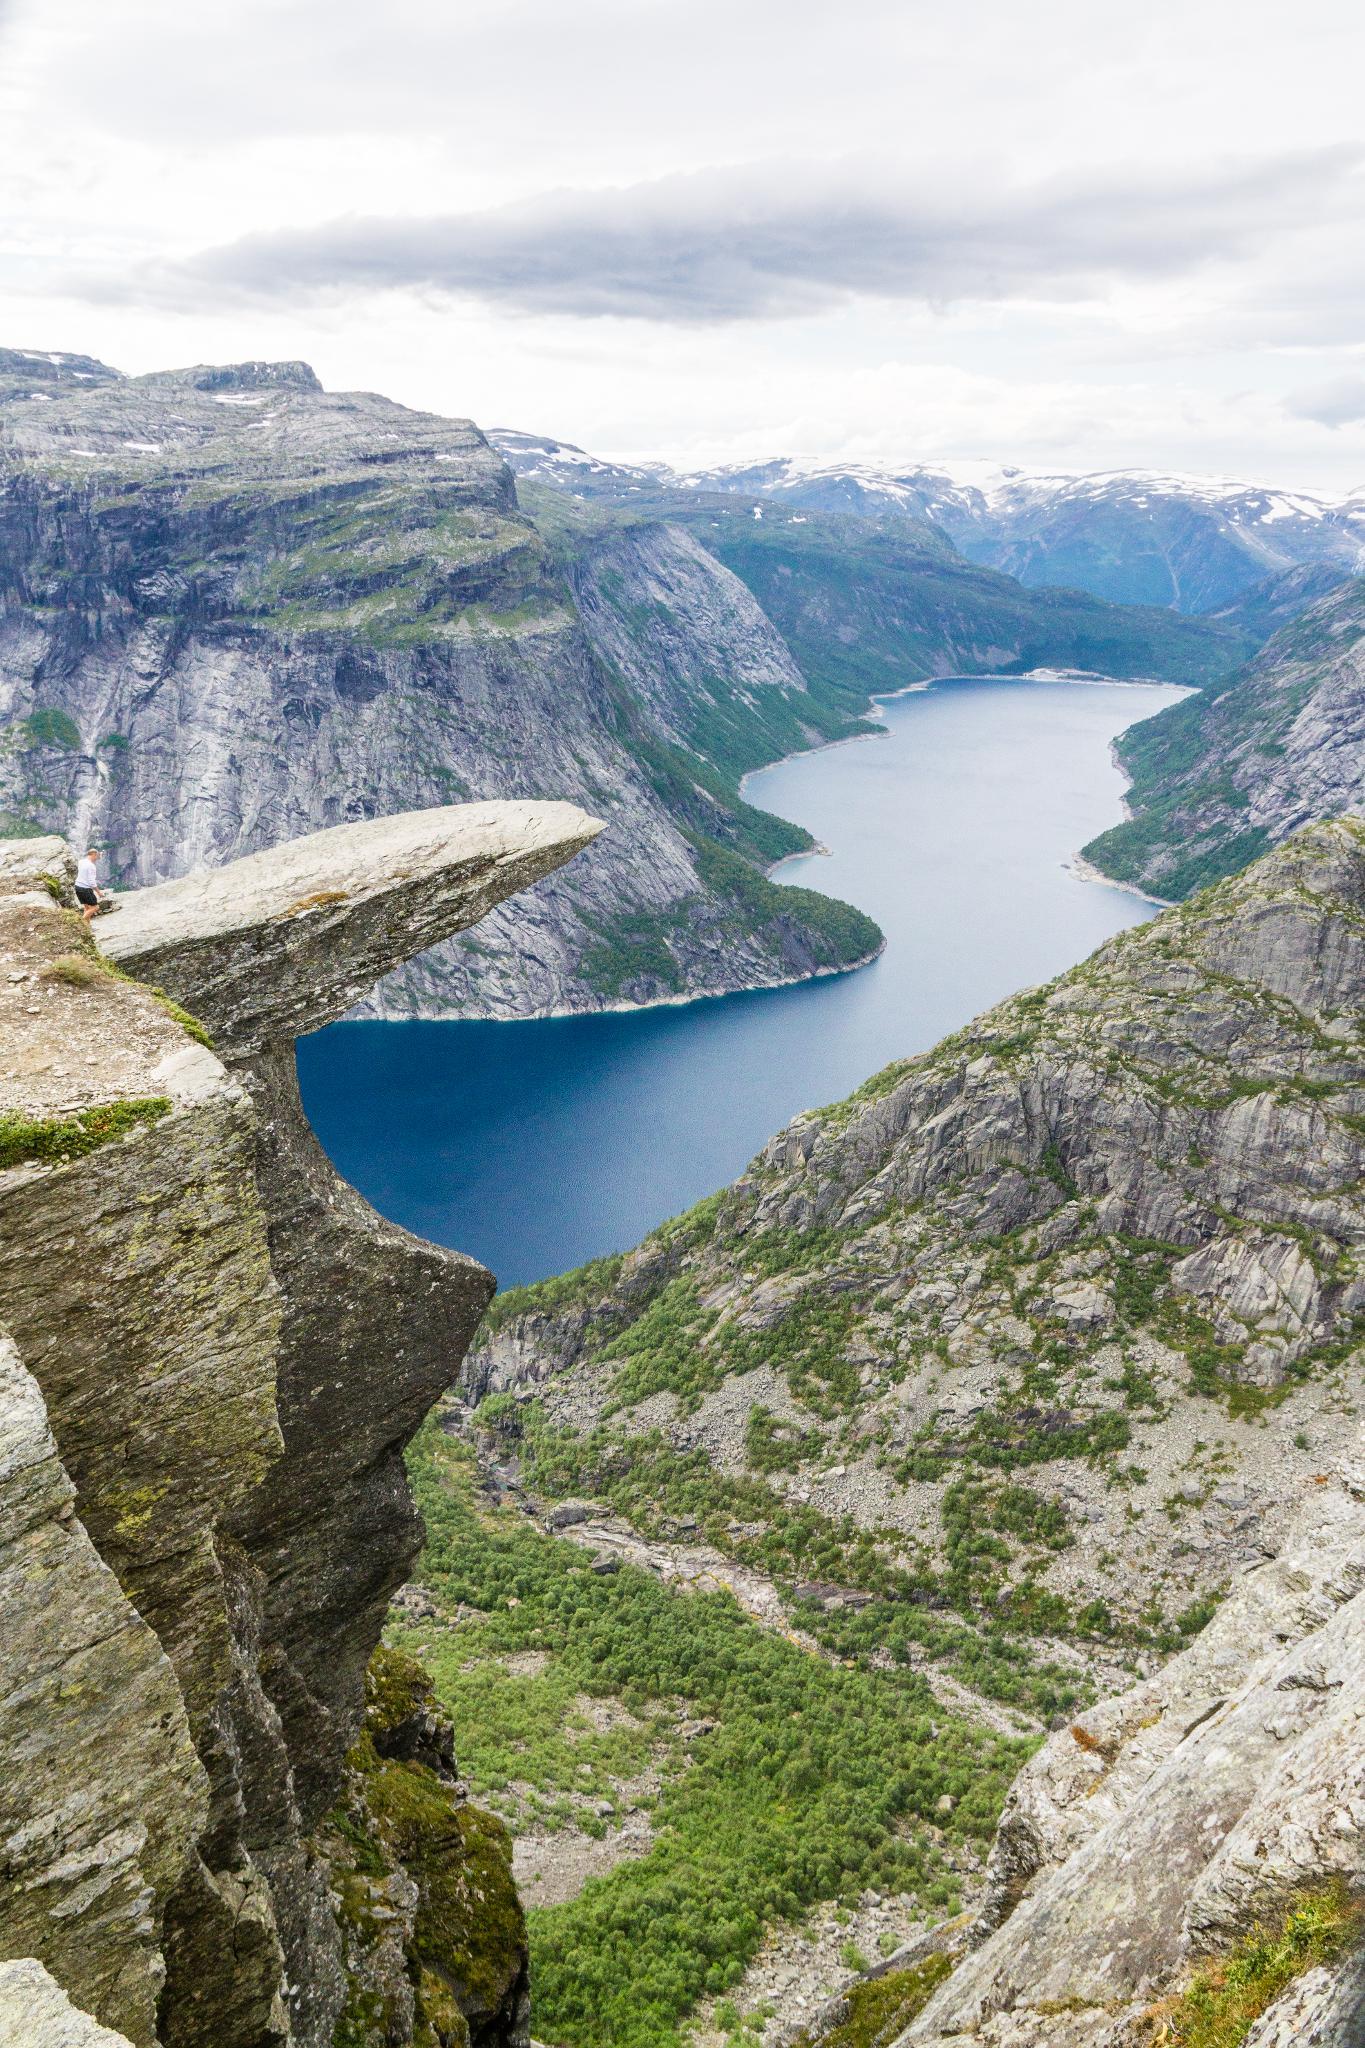 【北歐景點】挪威惡魔之舌 Trolltunga — 28公里健行挑戰全攻略 224